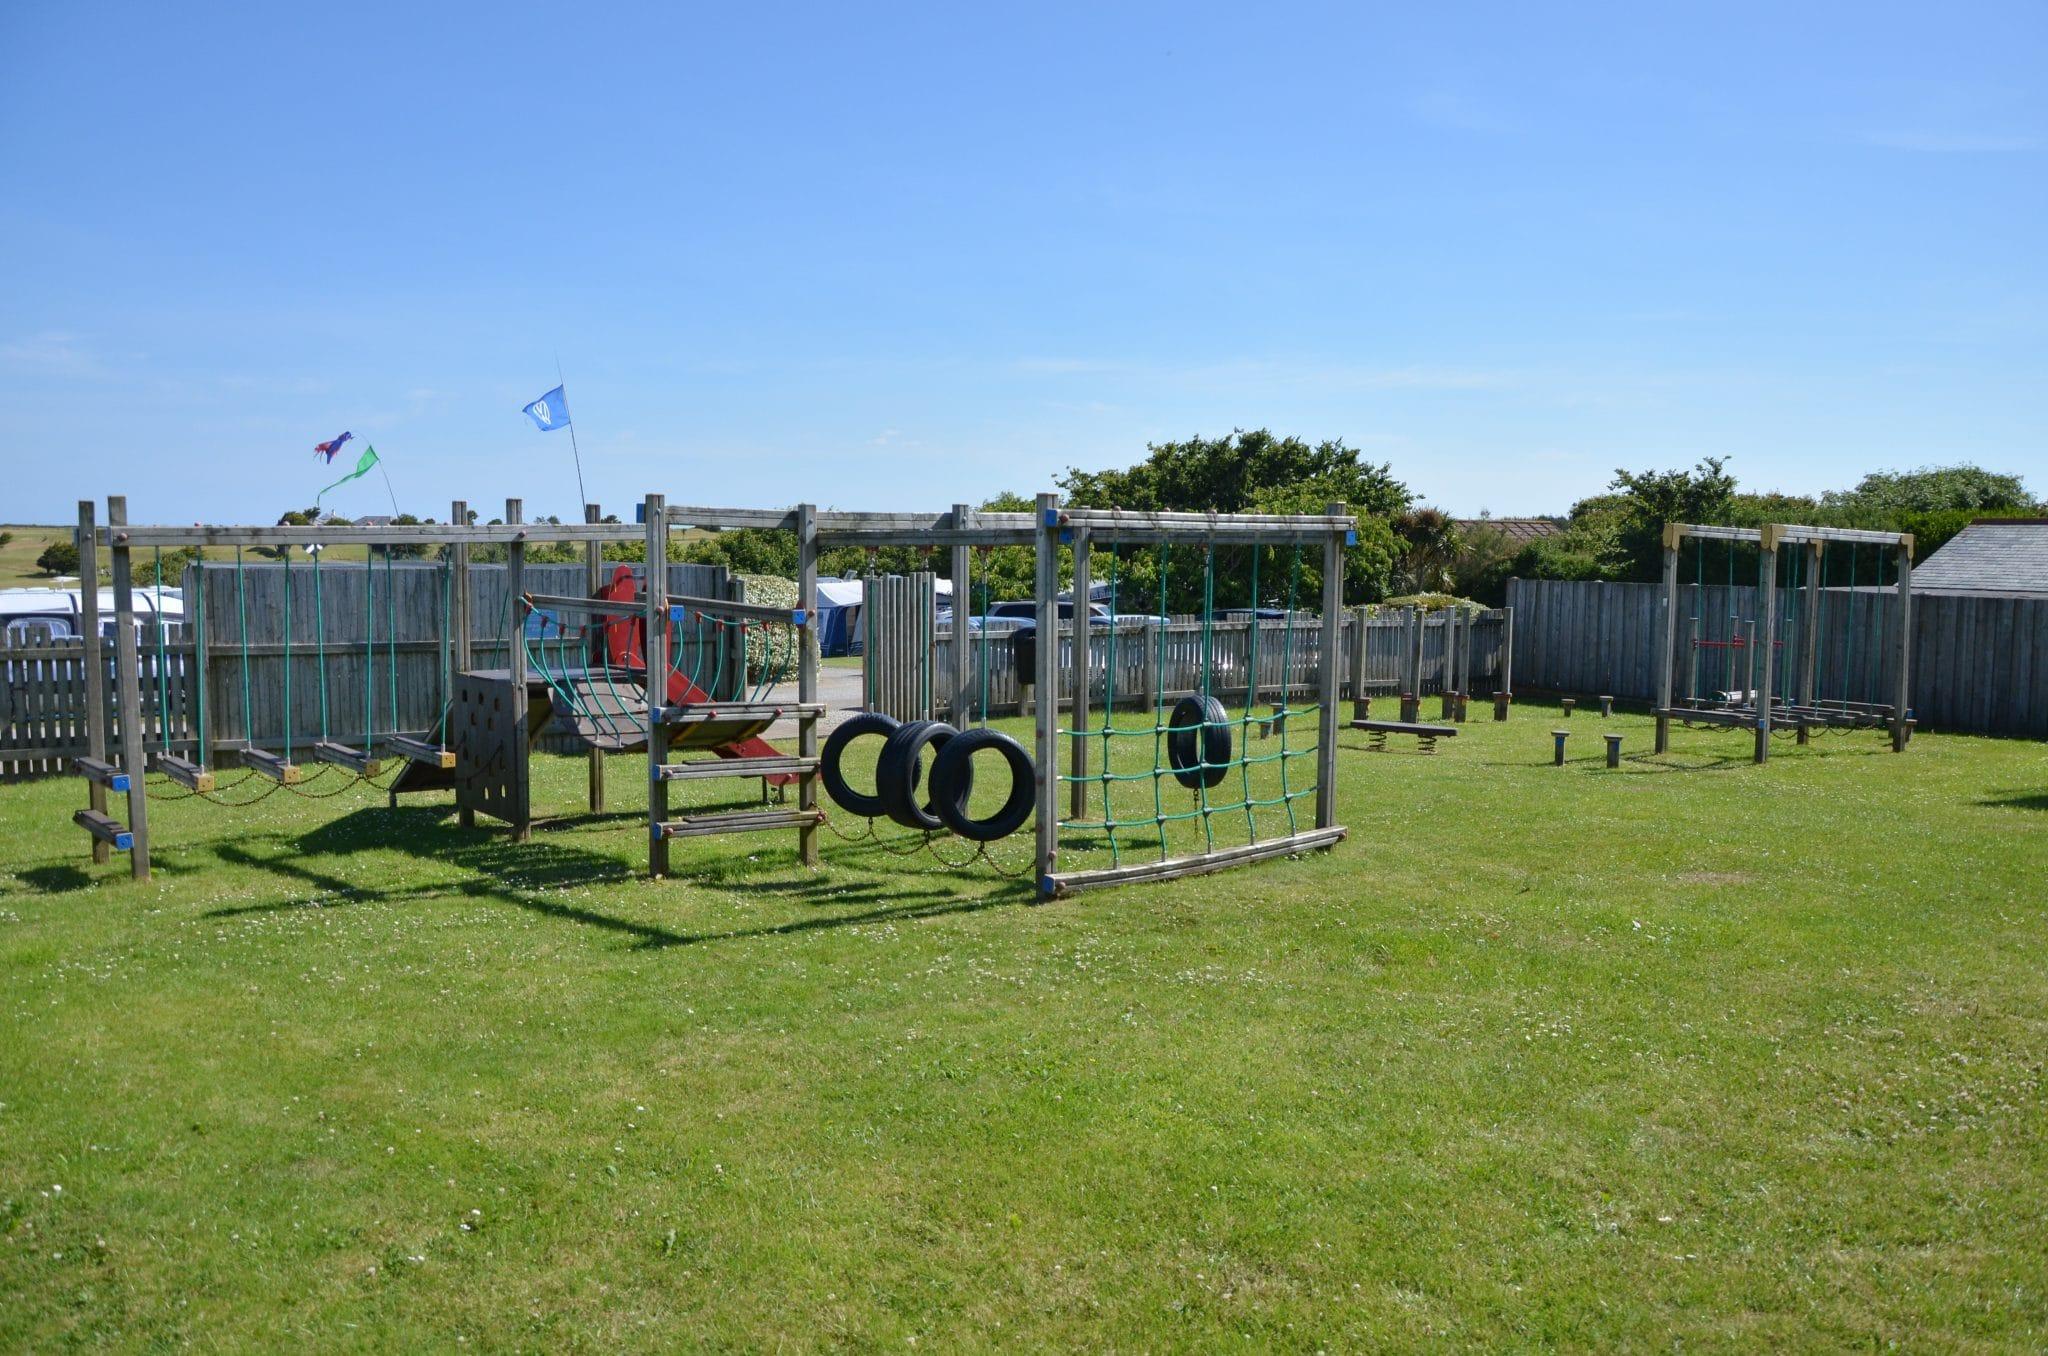 Fodders Playpark